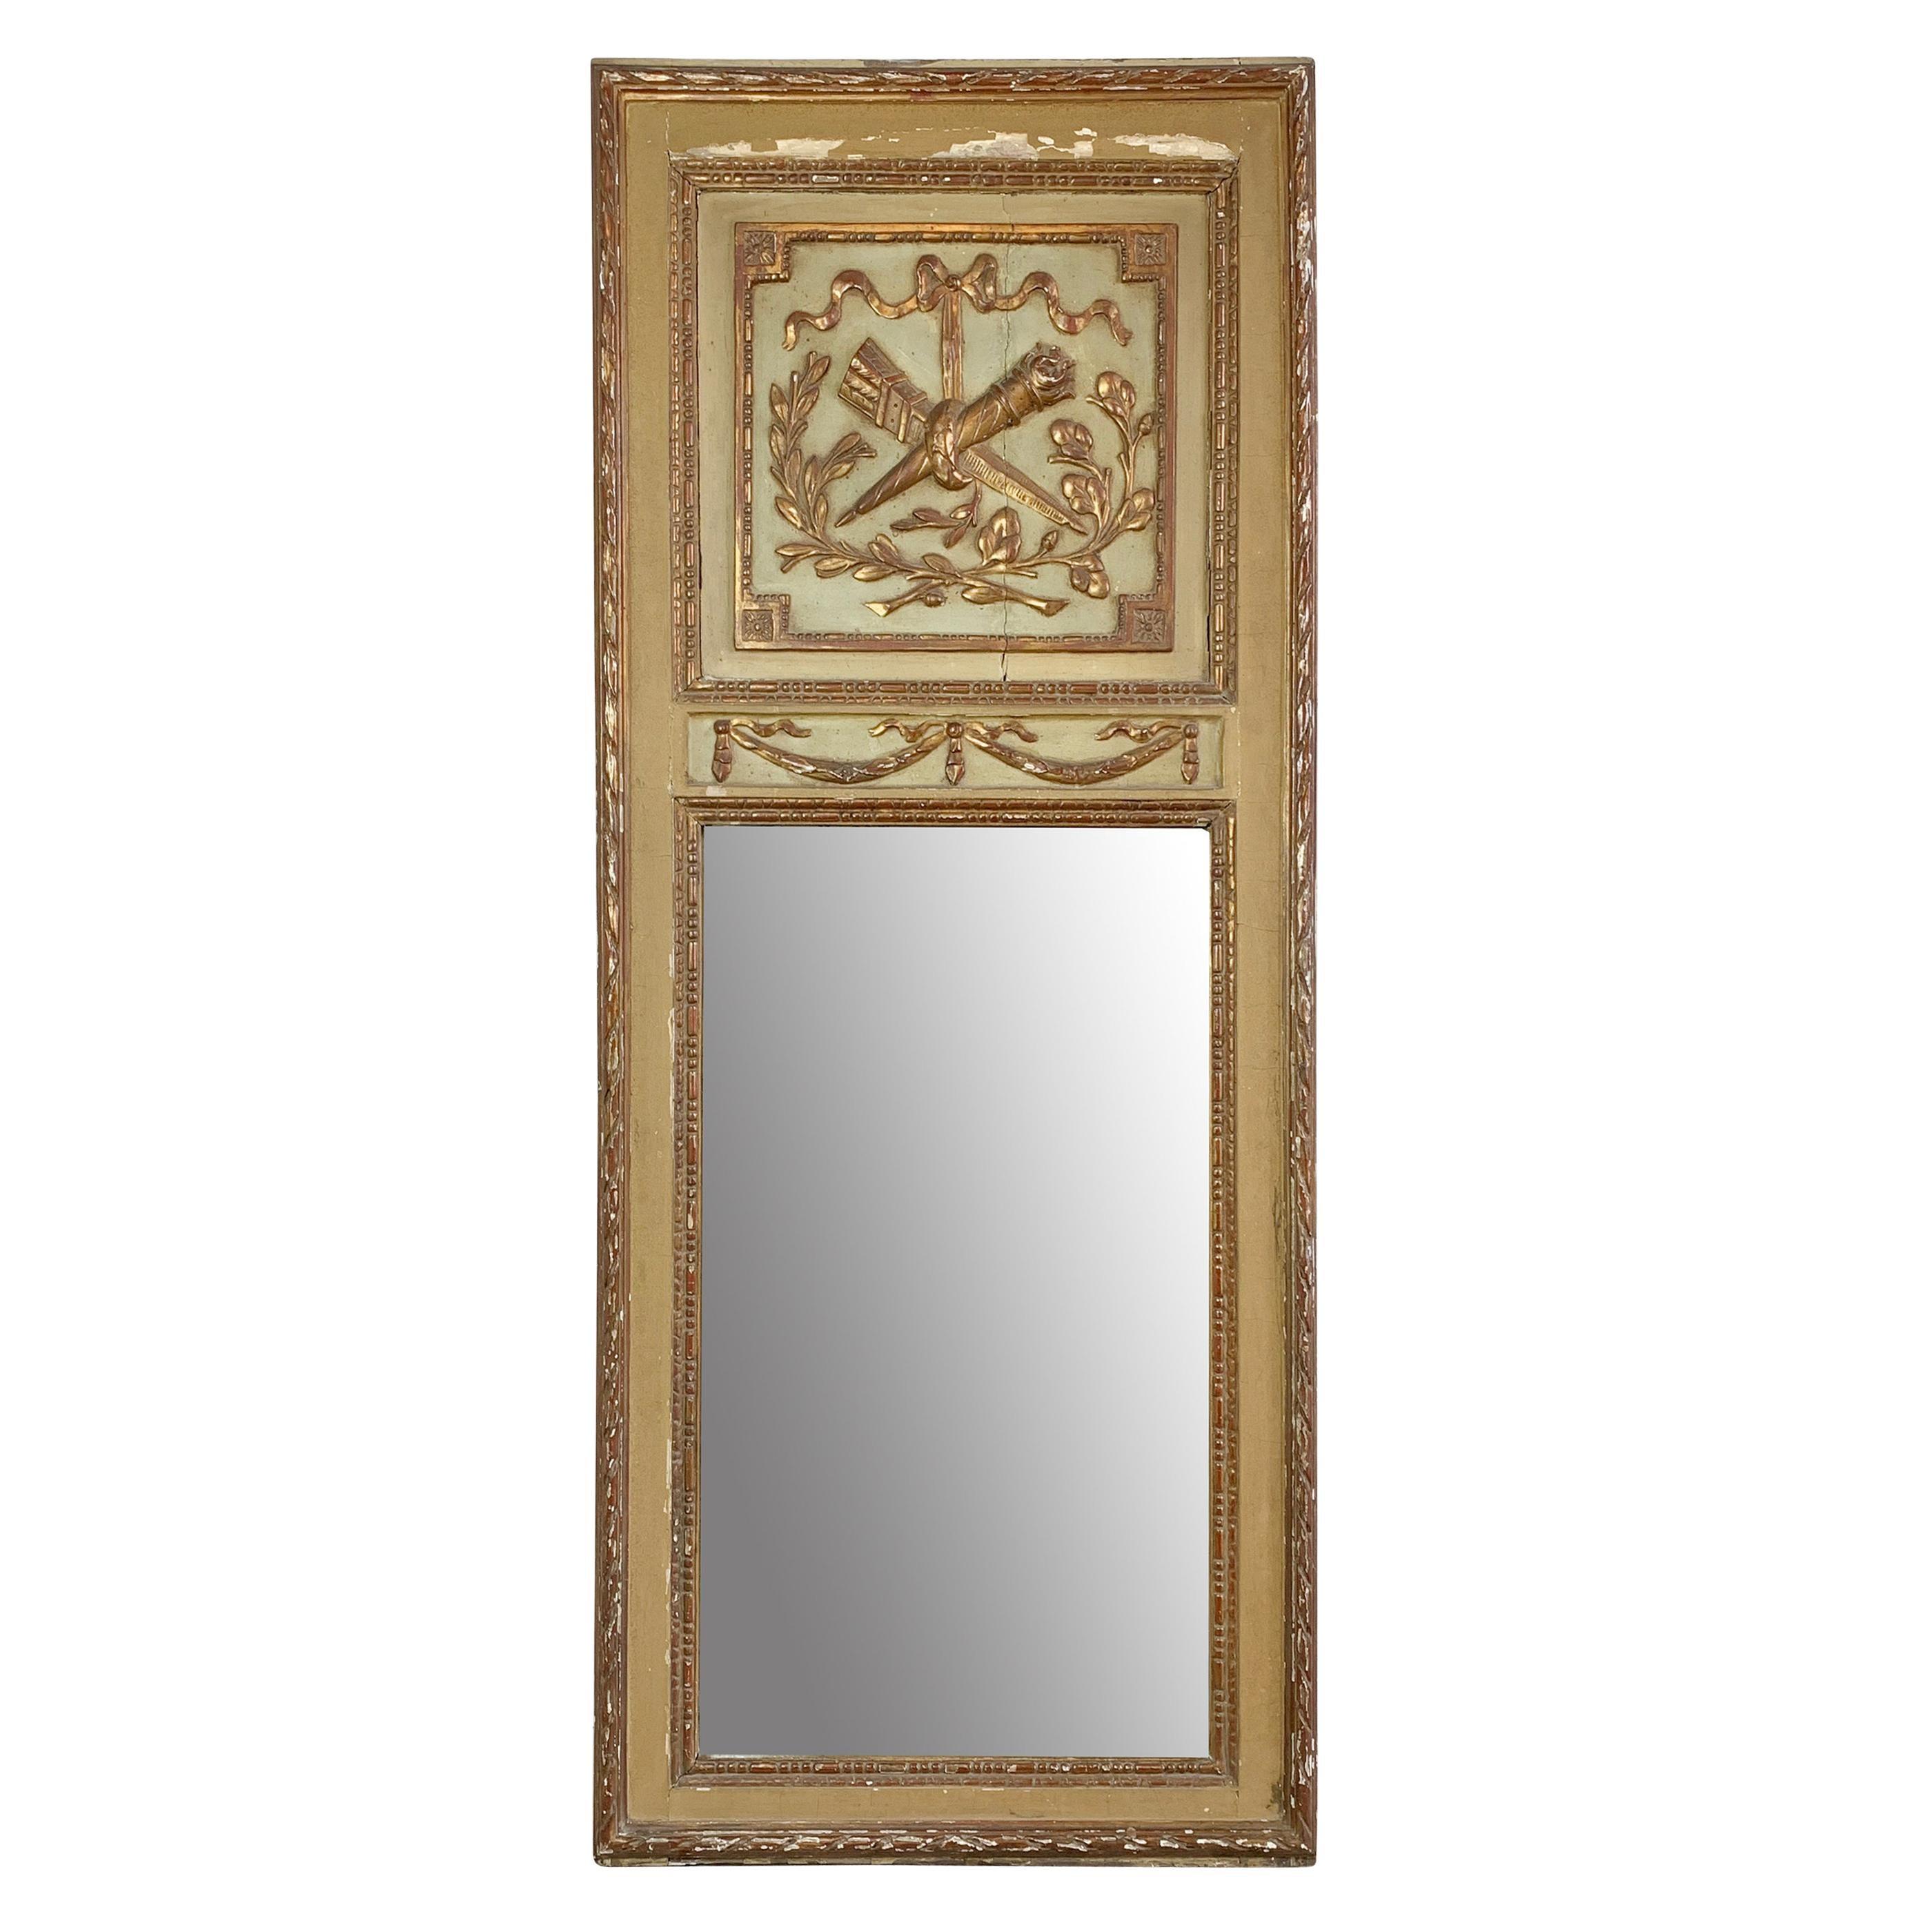 Early 19th C French Gilt Trumeau Mirror